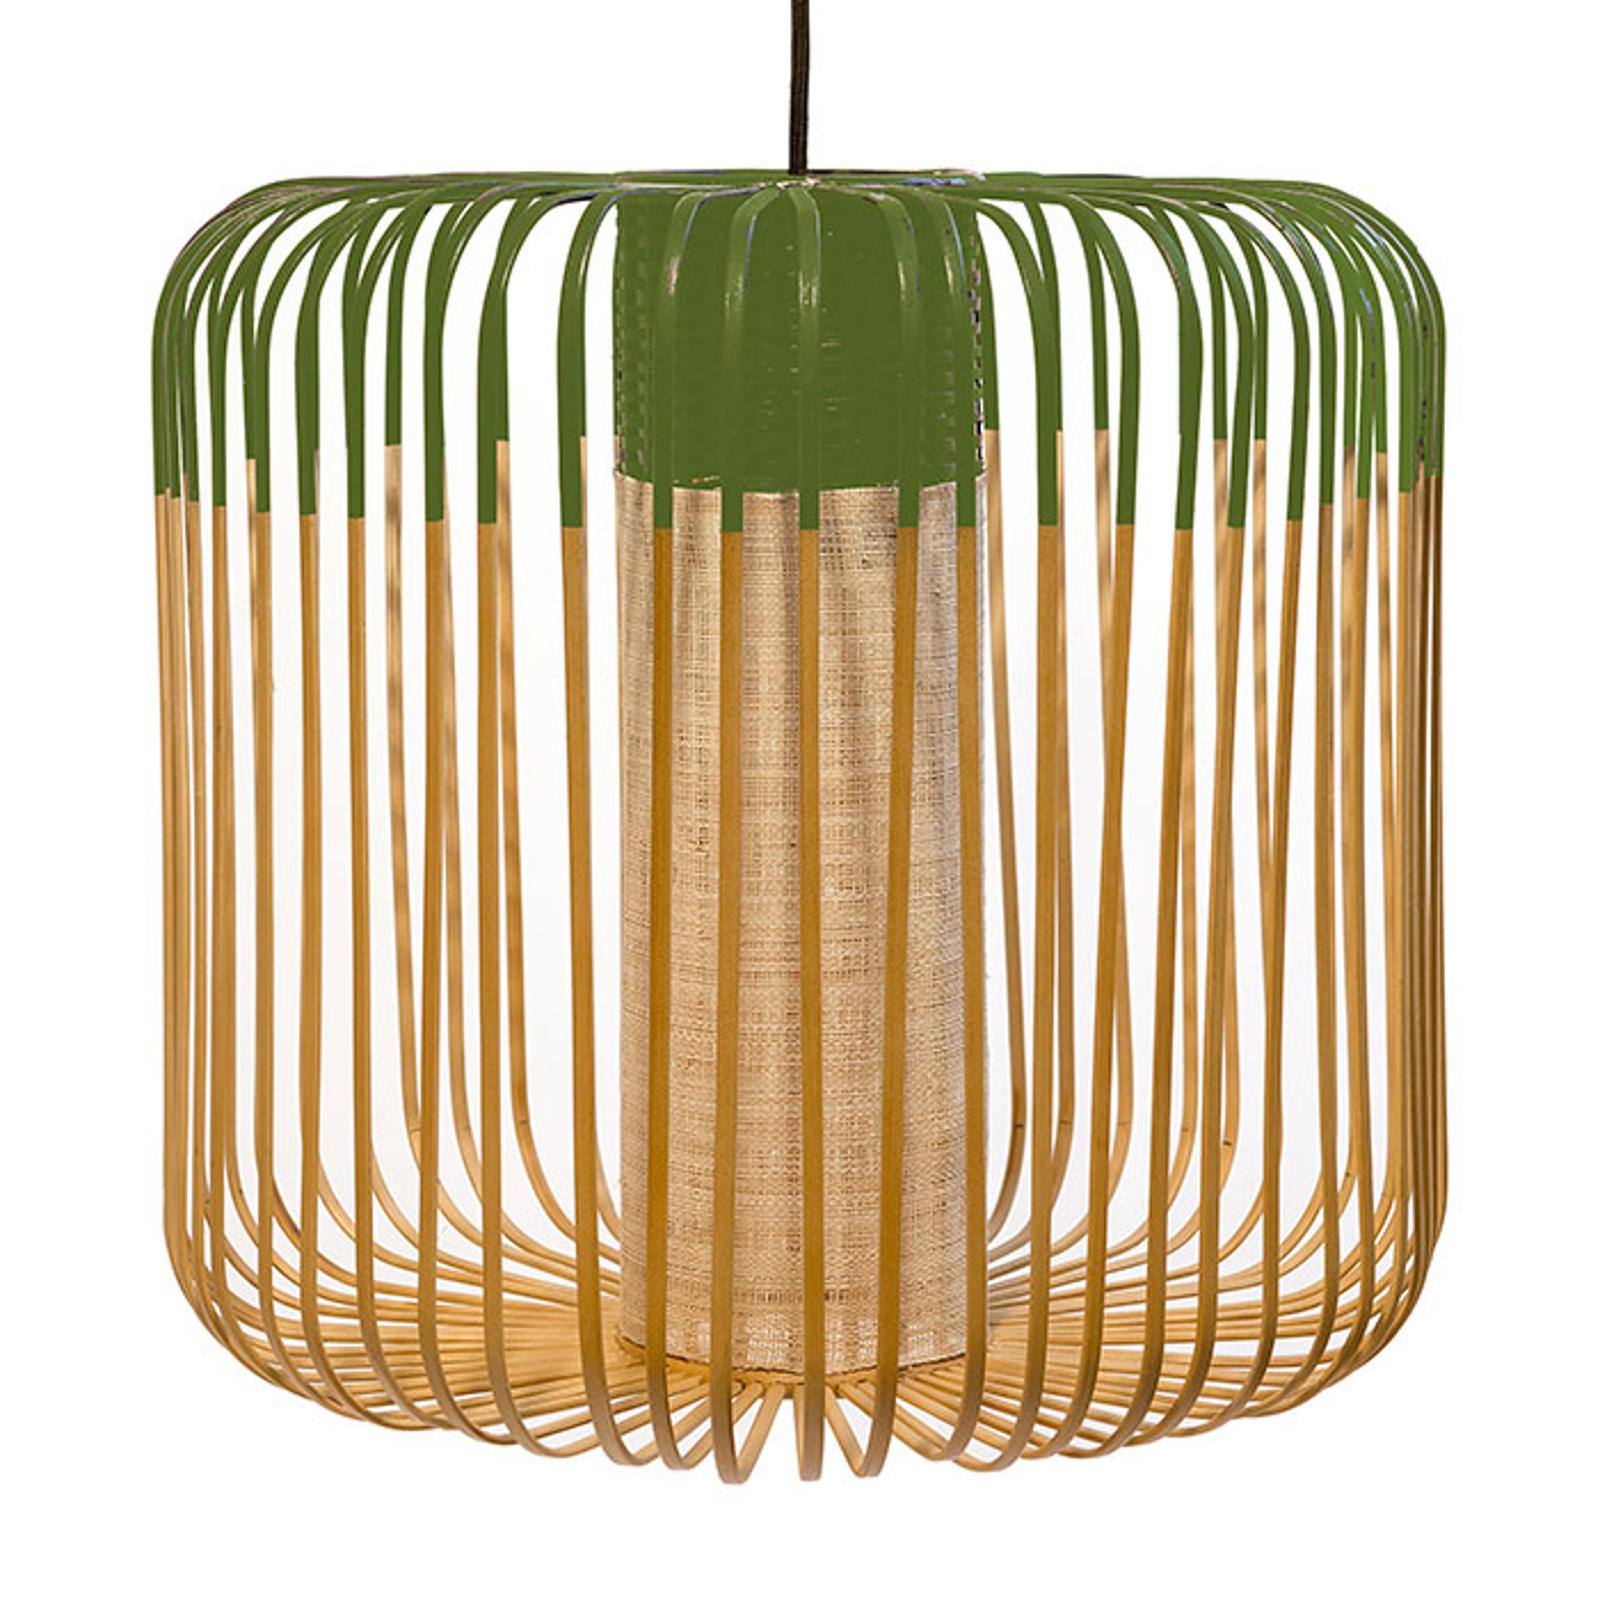 Forestier Bamboo Light M hanglamp 45 cm groen